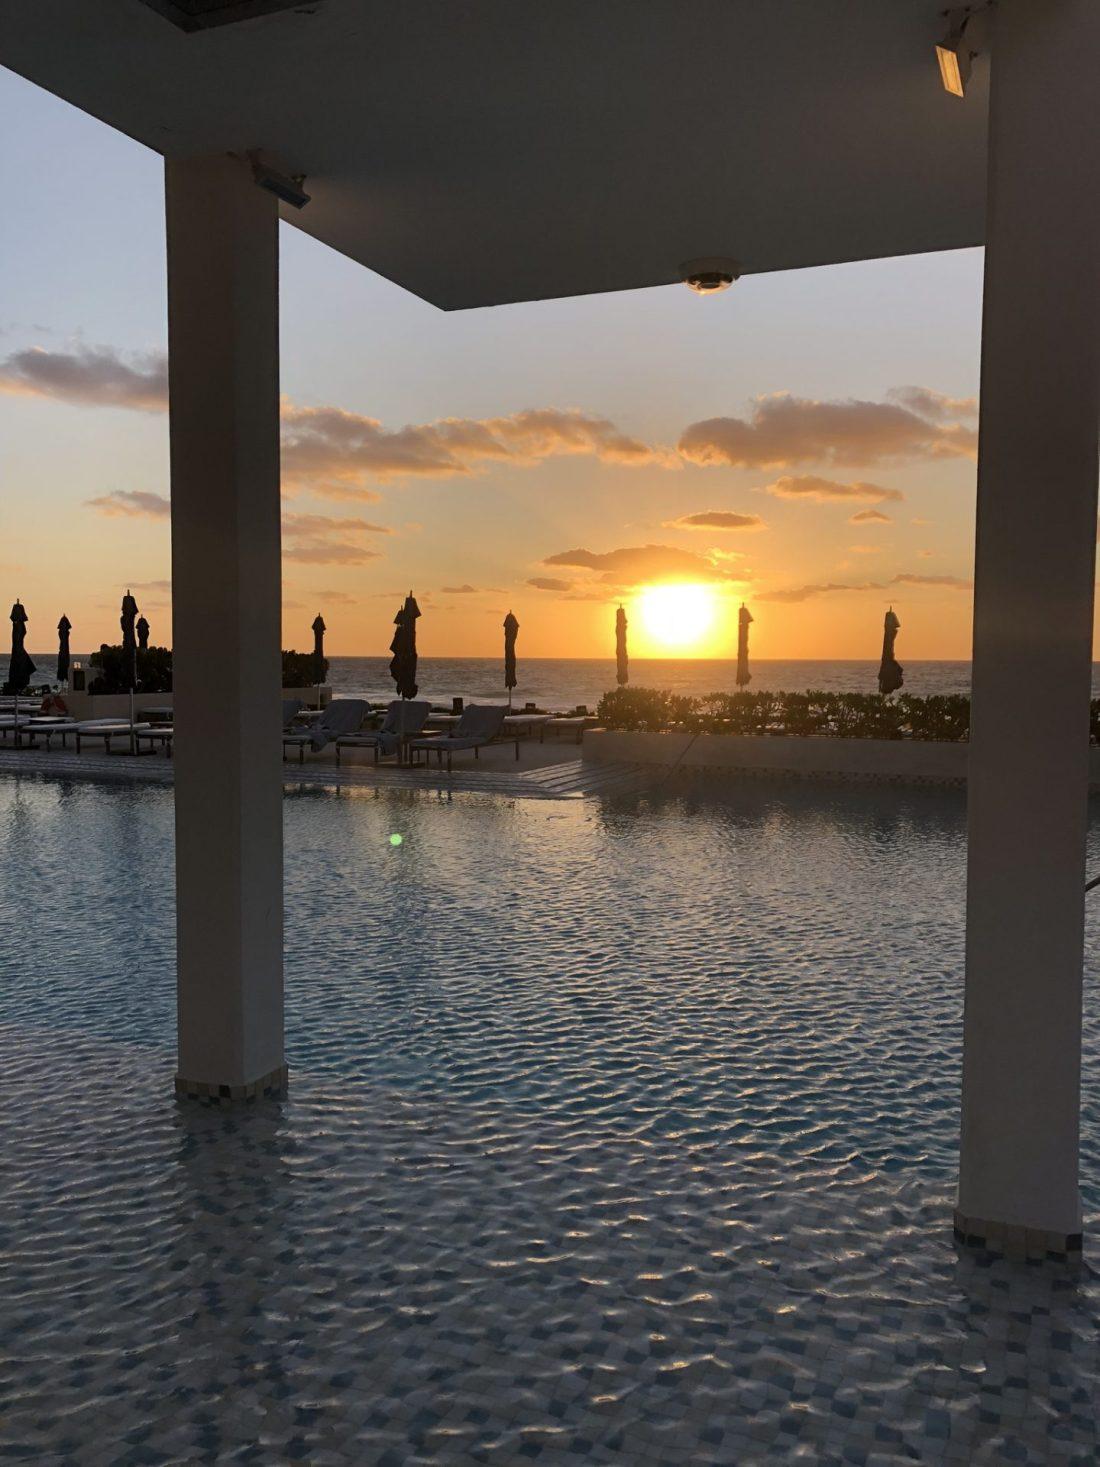 Sunrise at Secrets The Vine, Cancun